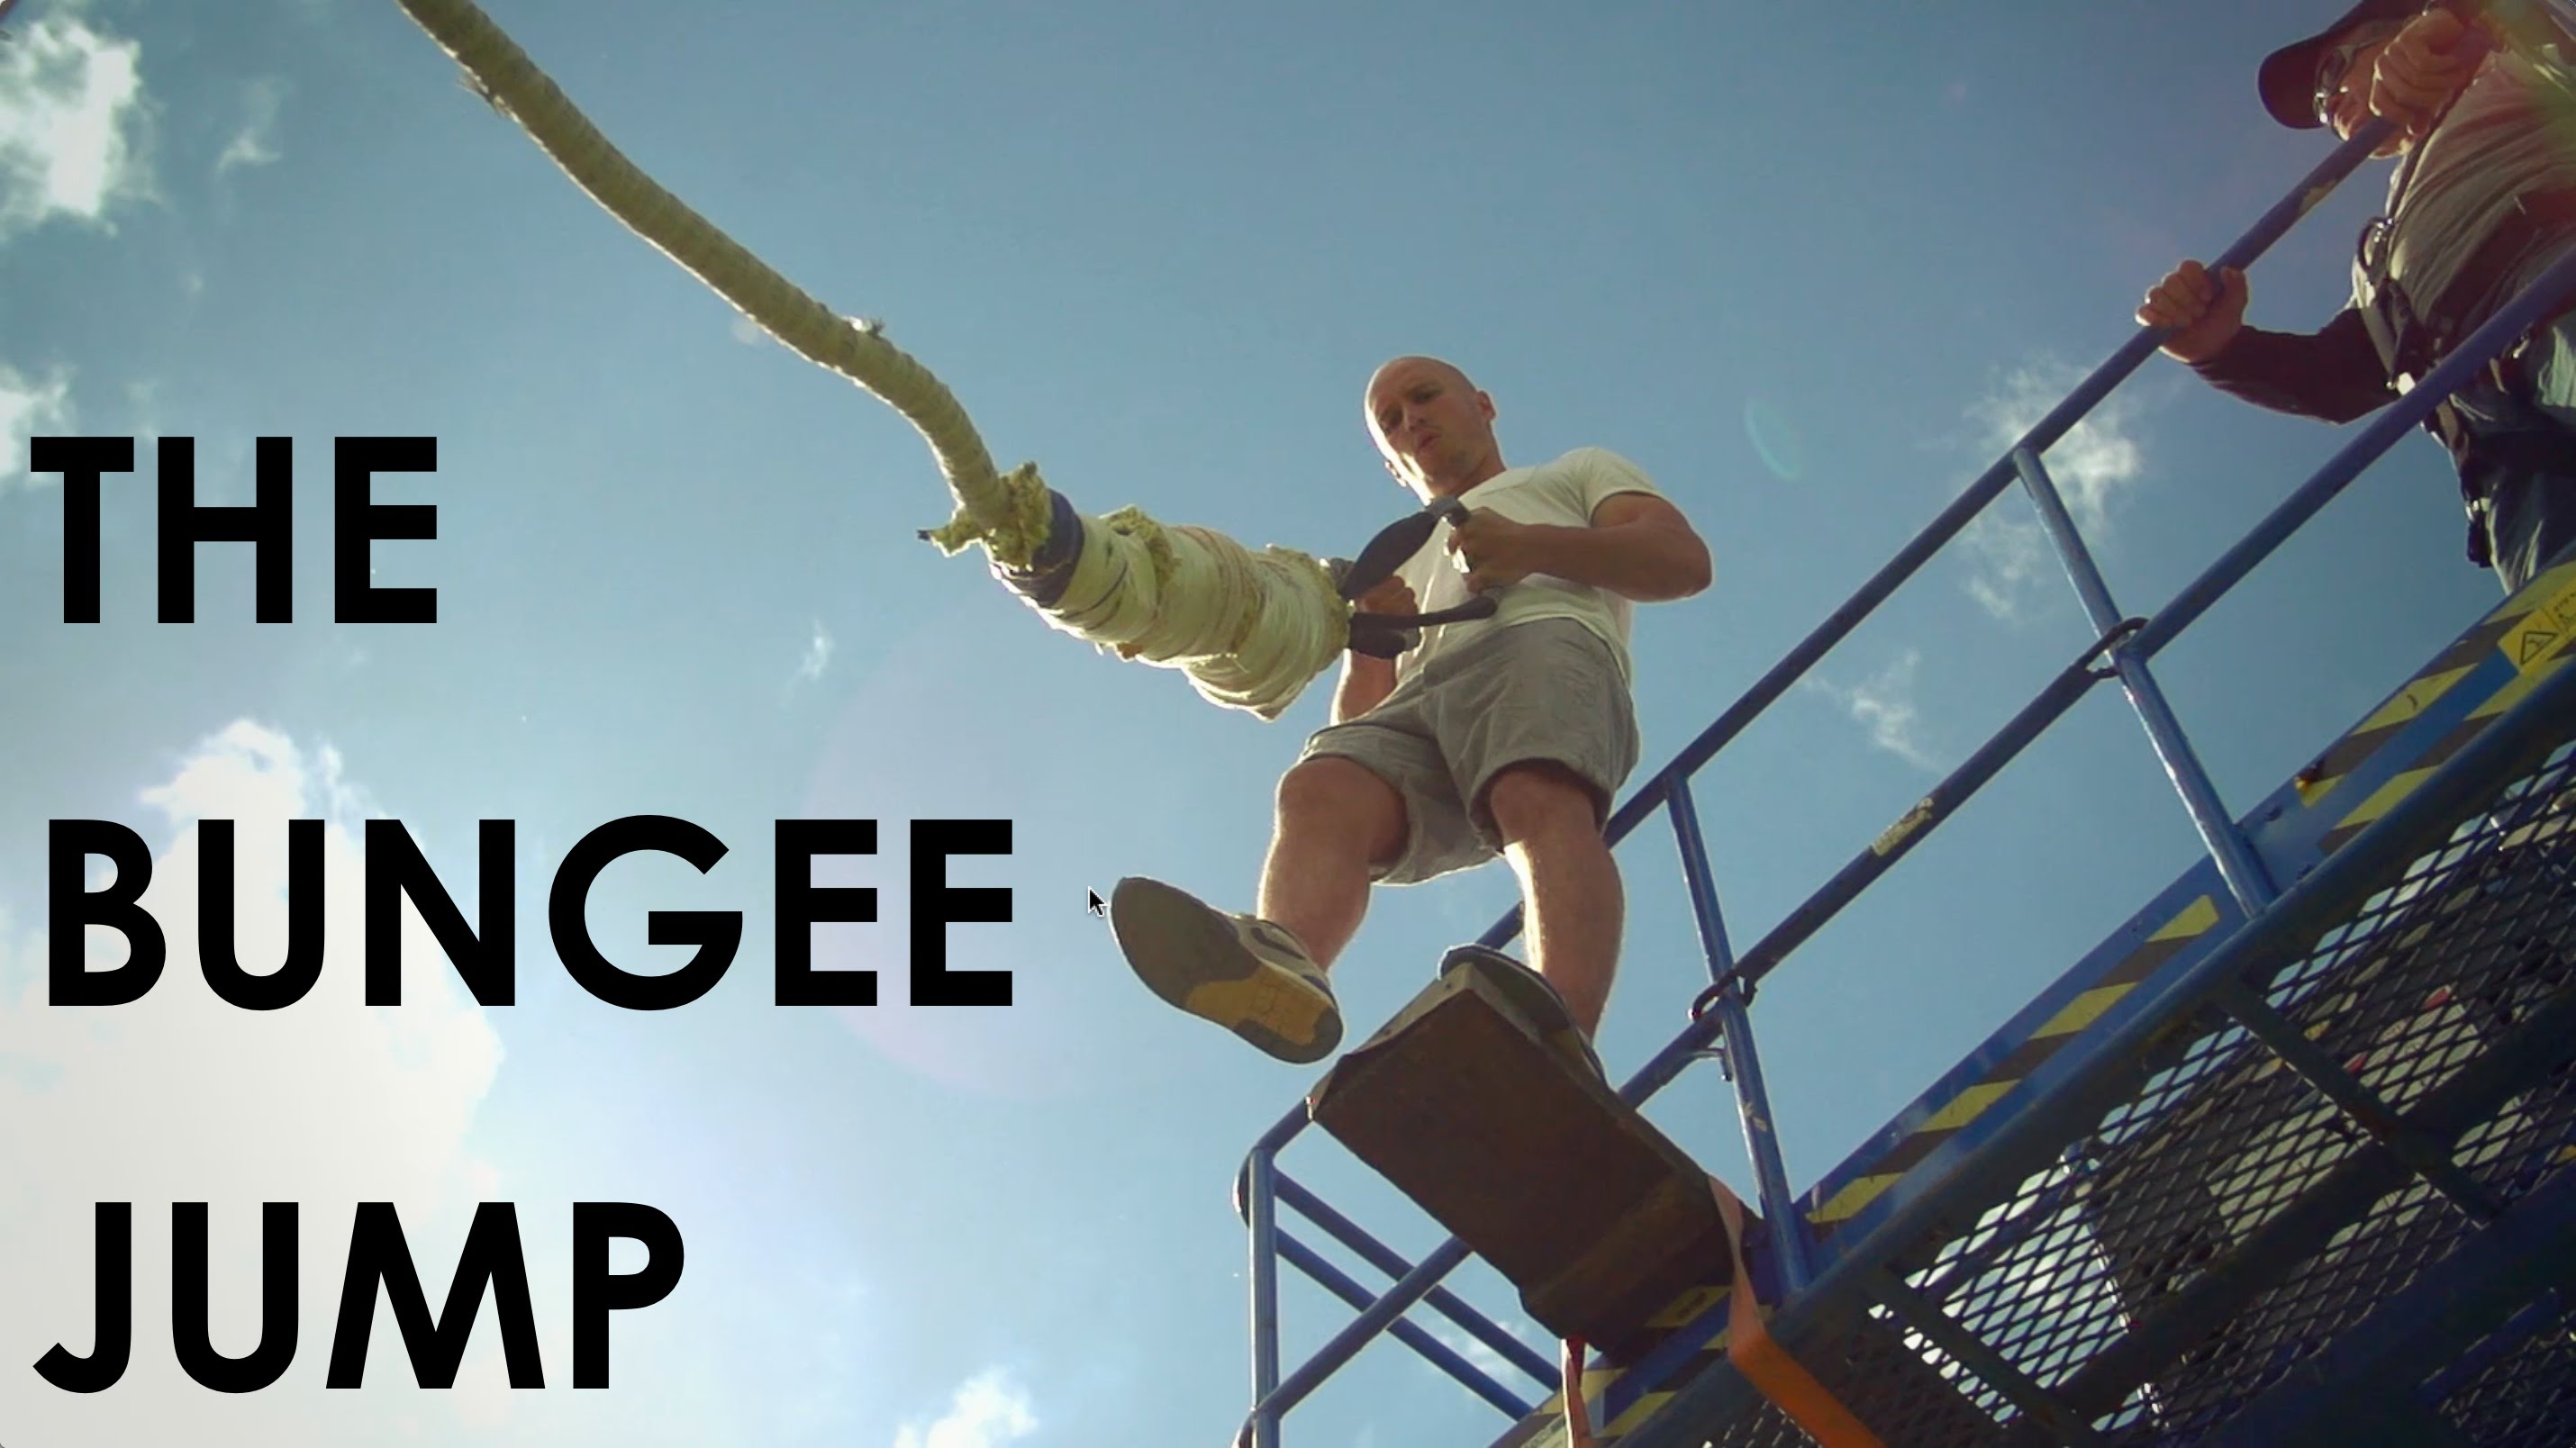 命知らずすぎる……バンジージャンプの着地寸前でロープを手放す男性